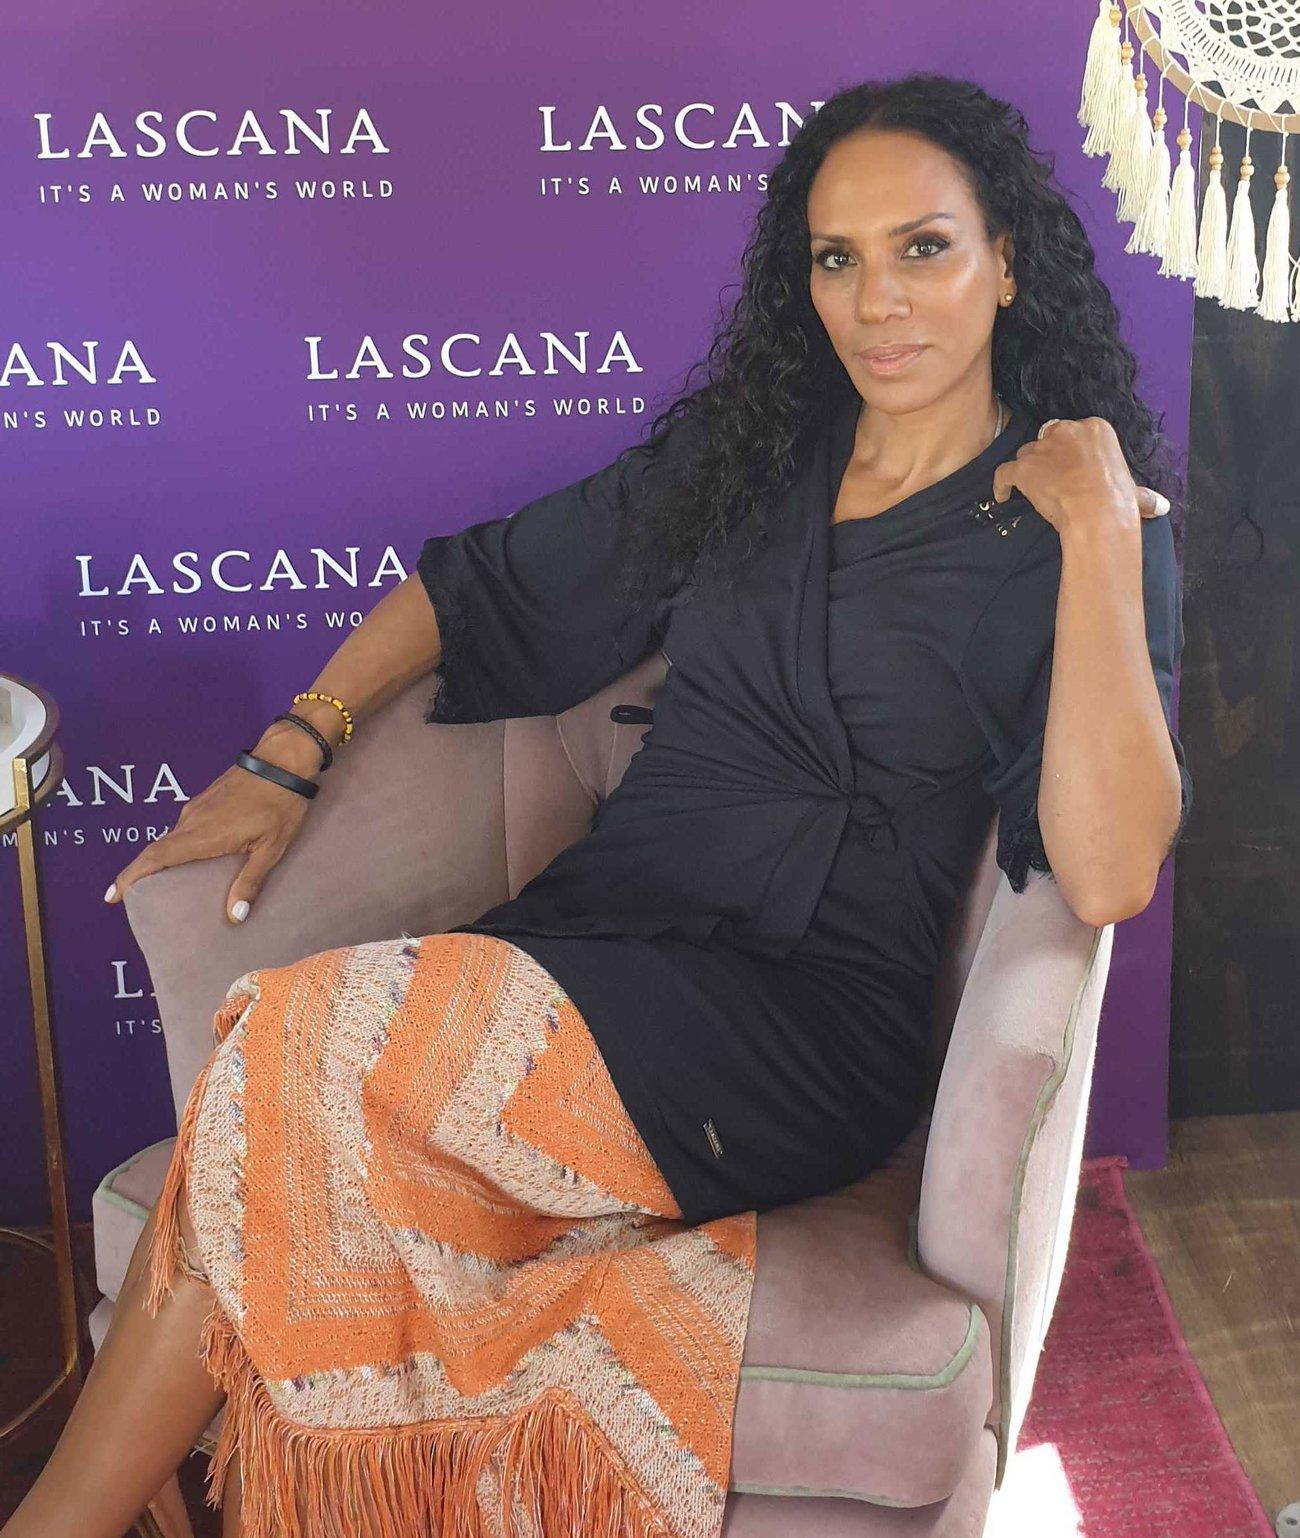 Barbara Becker für Lascana